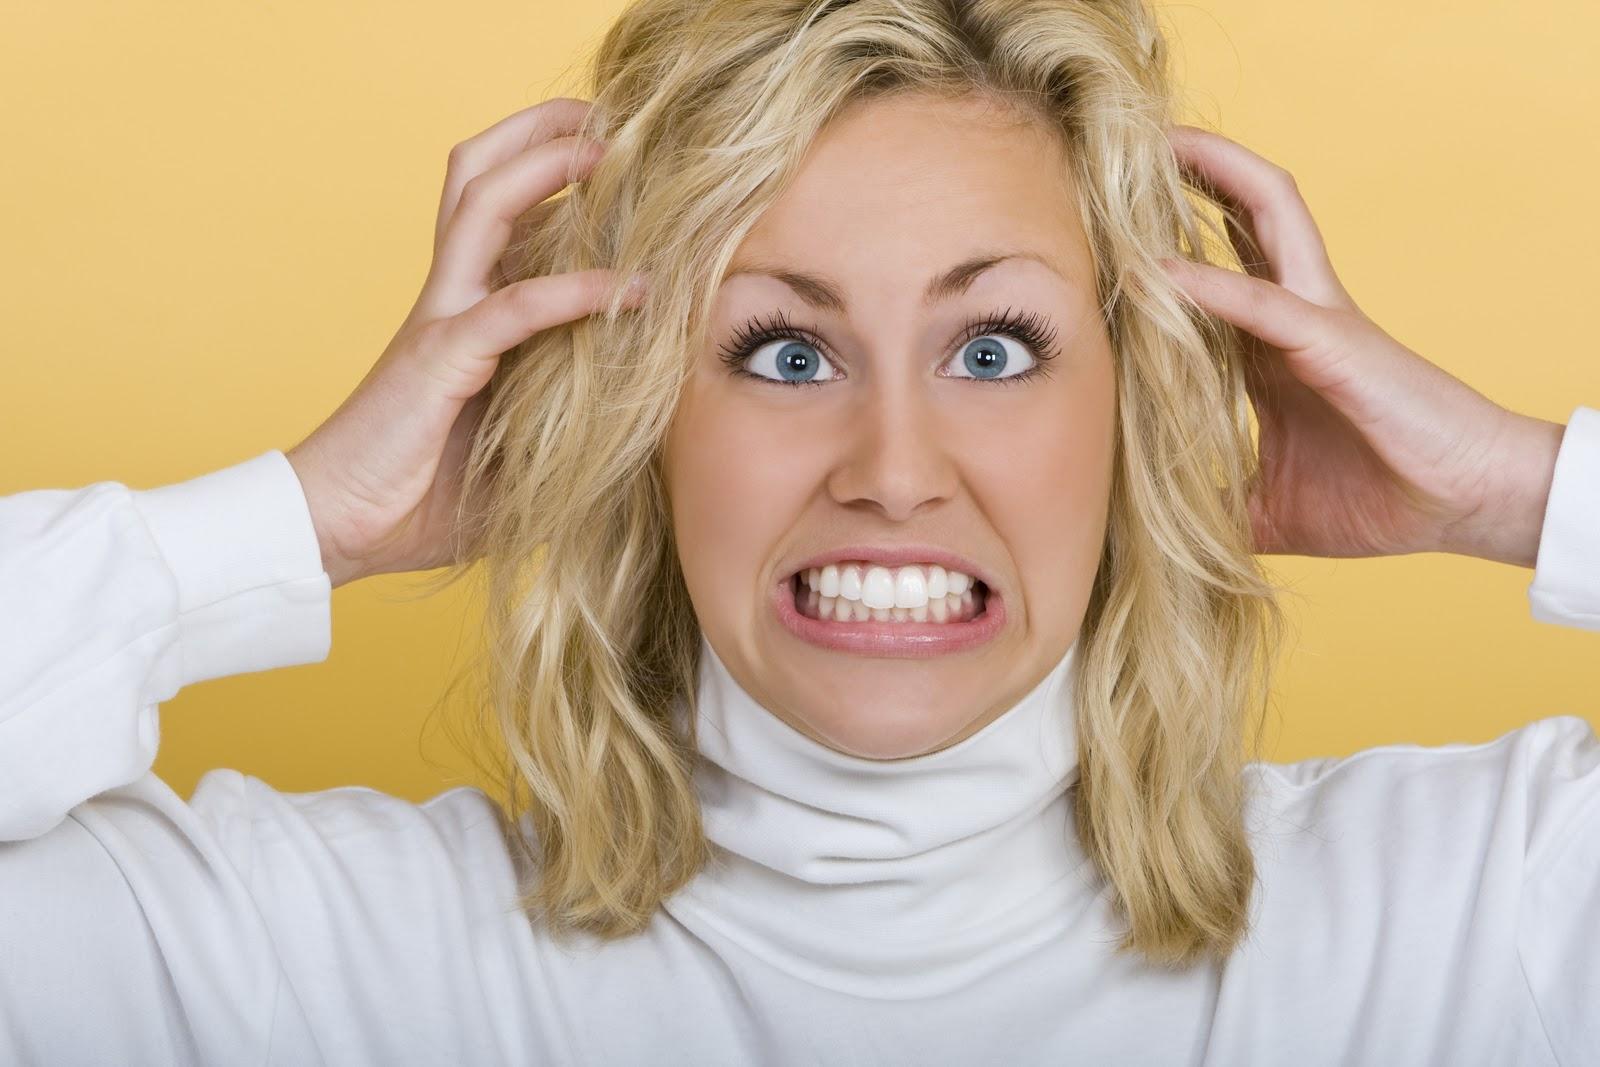 Çocuklarda diş gıcırdatma neden olur